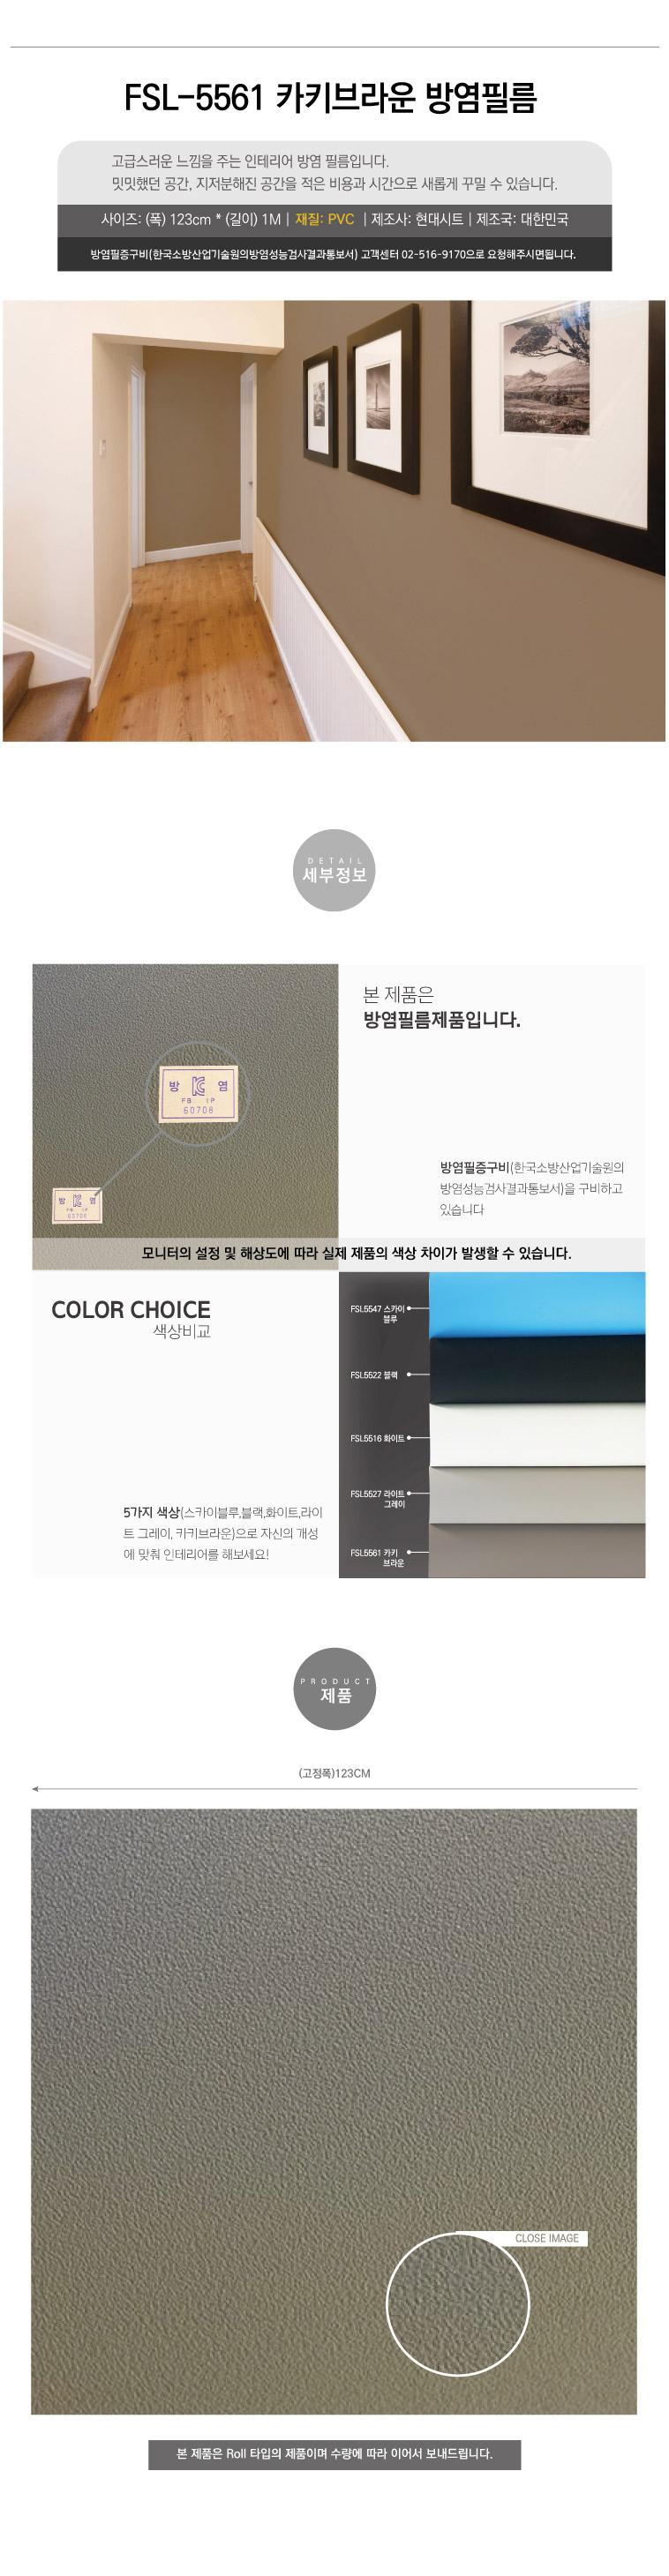 현대 인필 인테리어 방염필름 솔리드 칼라시트지 1M - 케이알인터내셔날, 12,000원, 벽지/시트지, 디자인 시트지